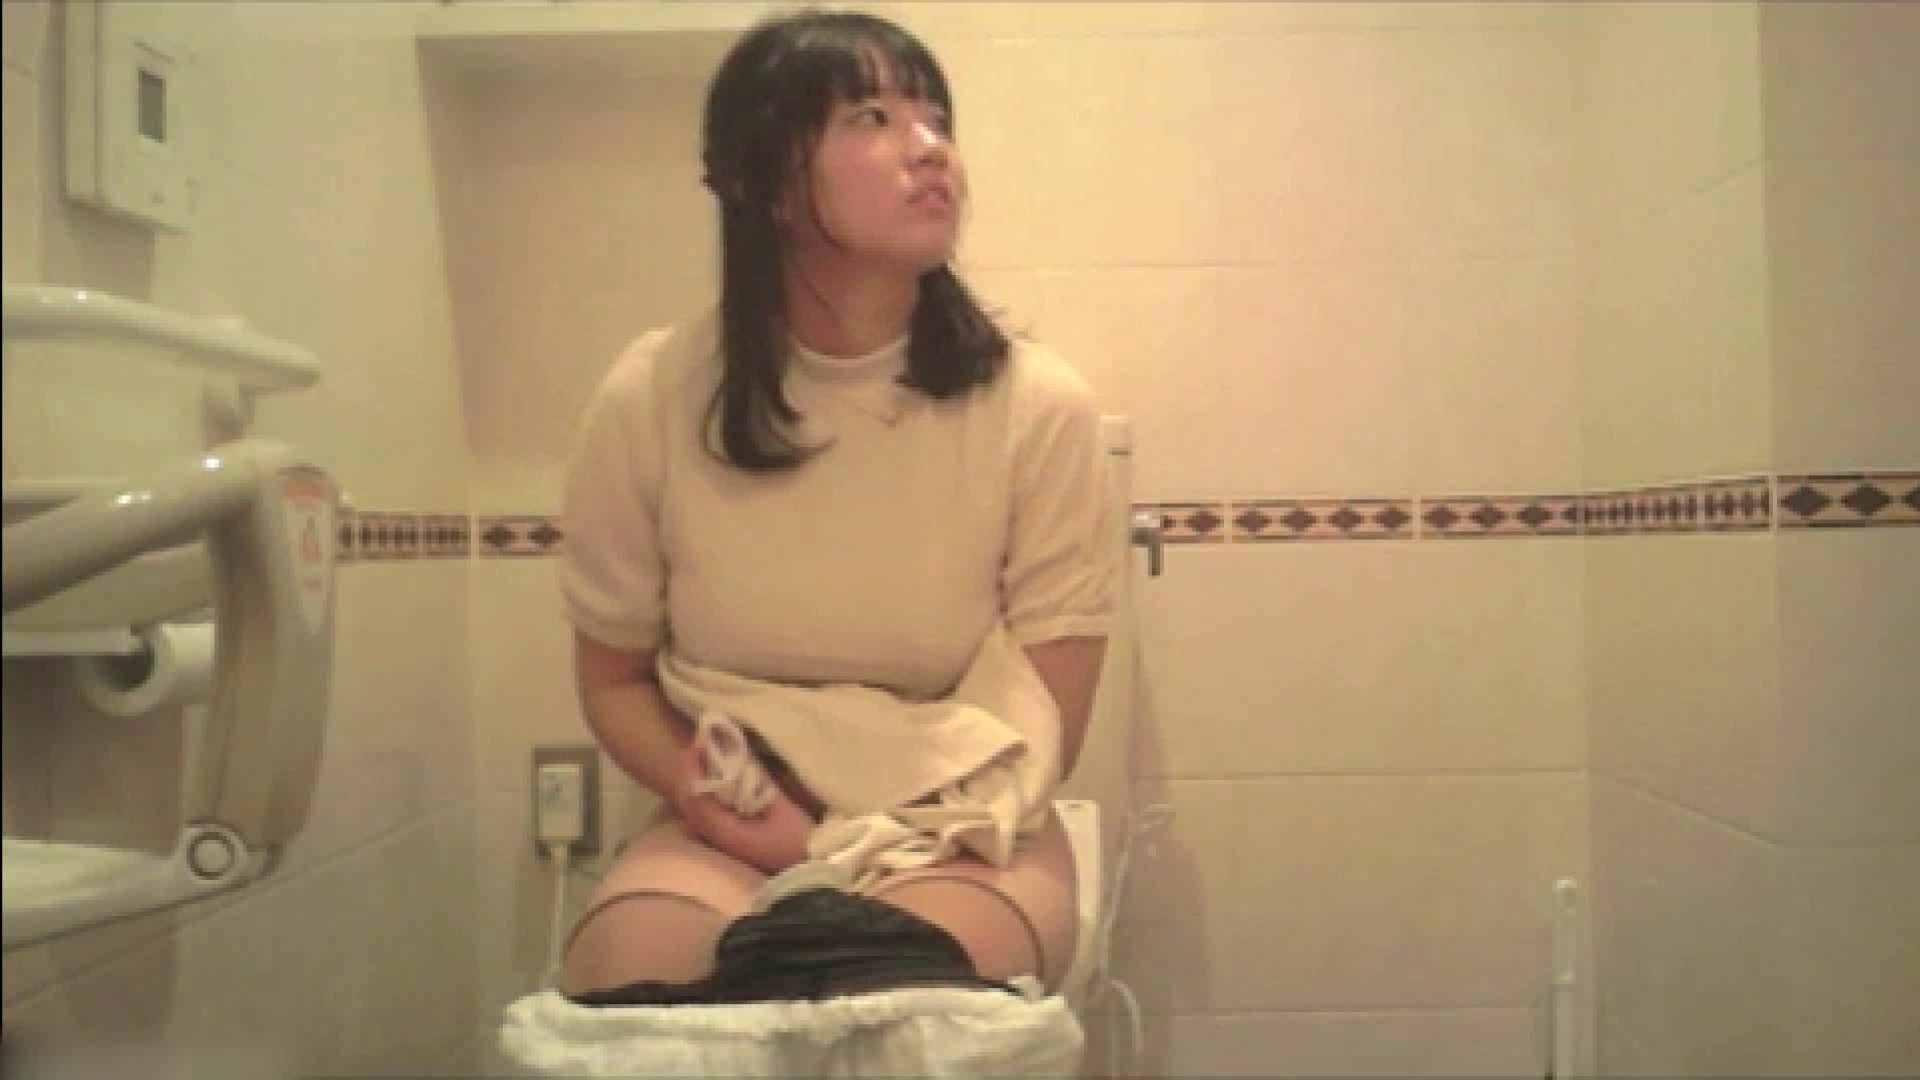 実録!!綺麗なお姉さんのトイレ事情・・・。vol.18 お姉さんのエッチ | OLヌード天国  104PIX 15